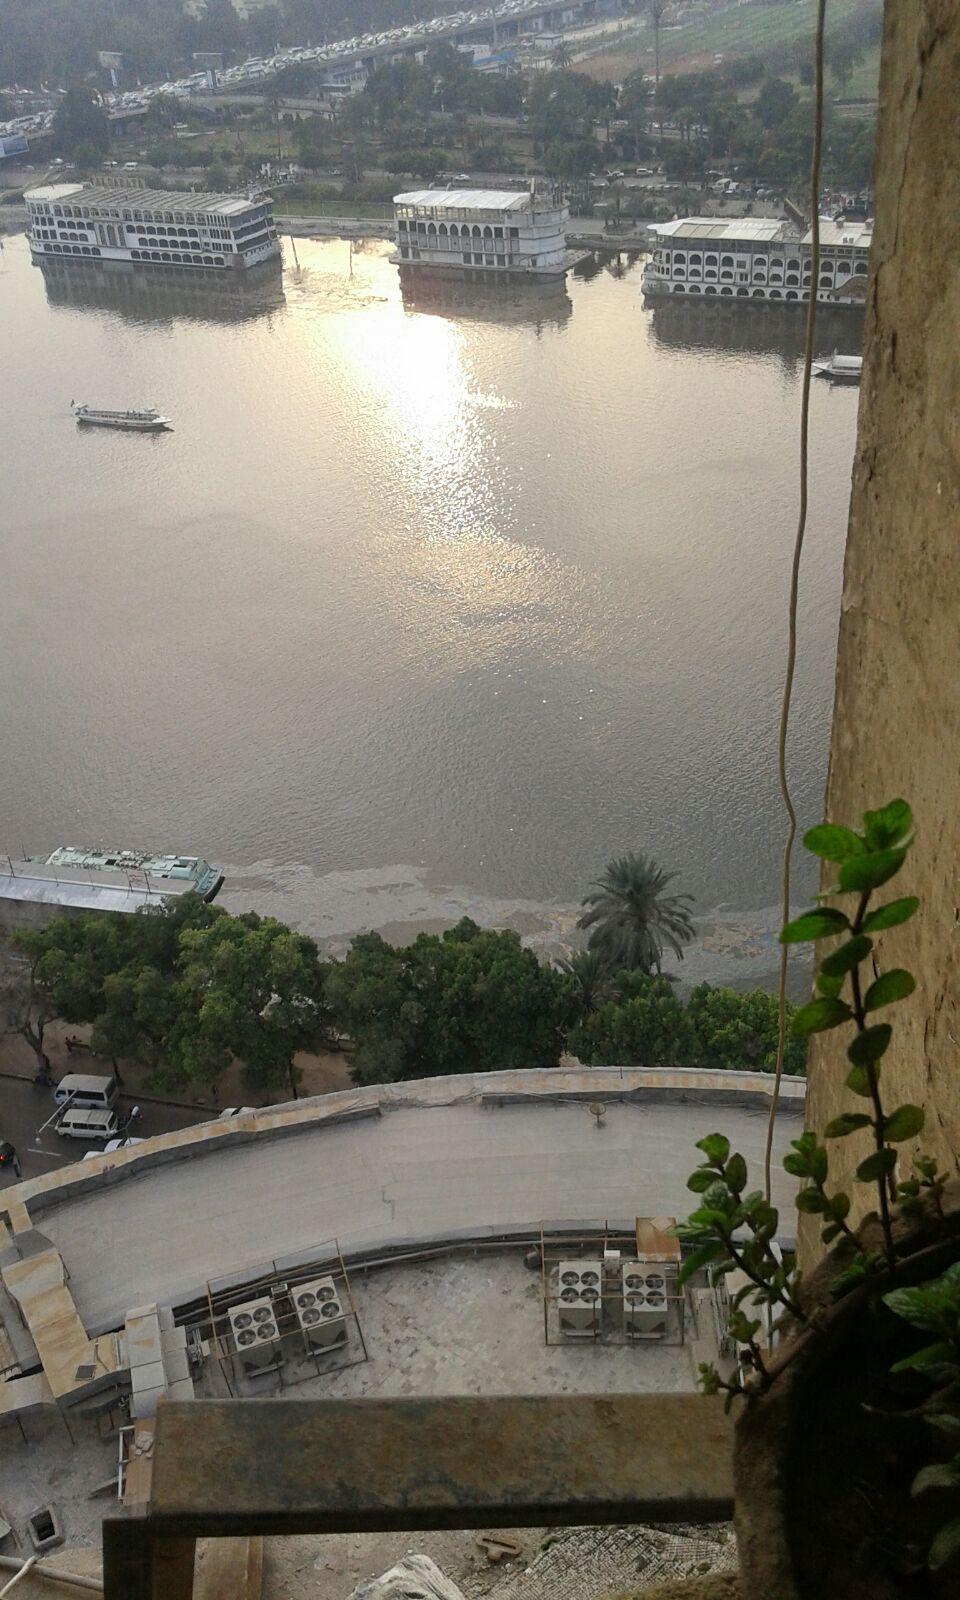 بالصورة.. كارثة.. الأتوبيسات النهرية تلوث نهر النيل بكميات كبيرة من الزيت